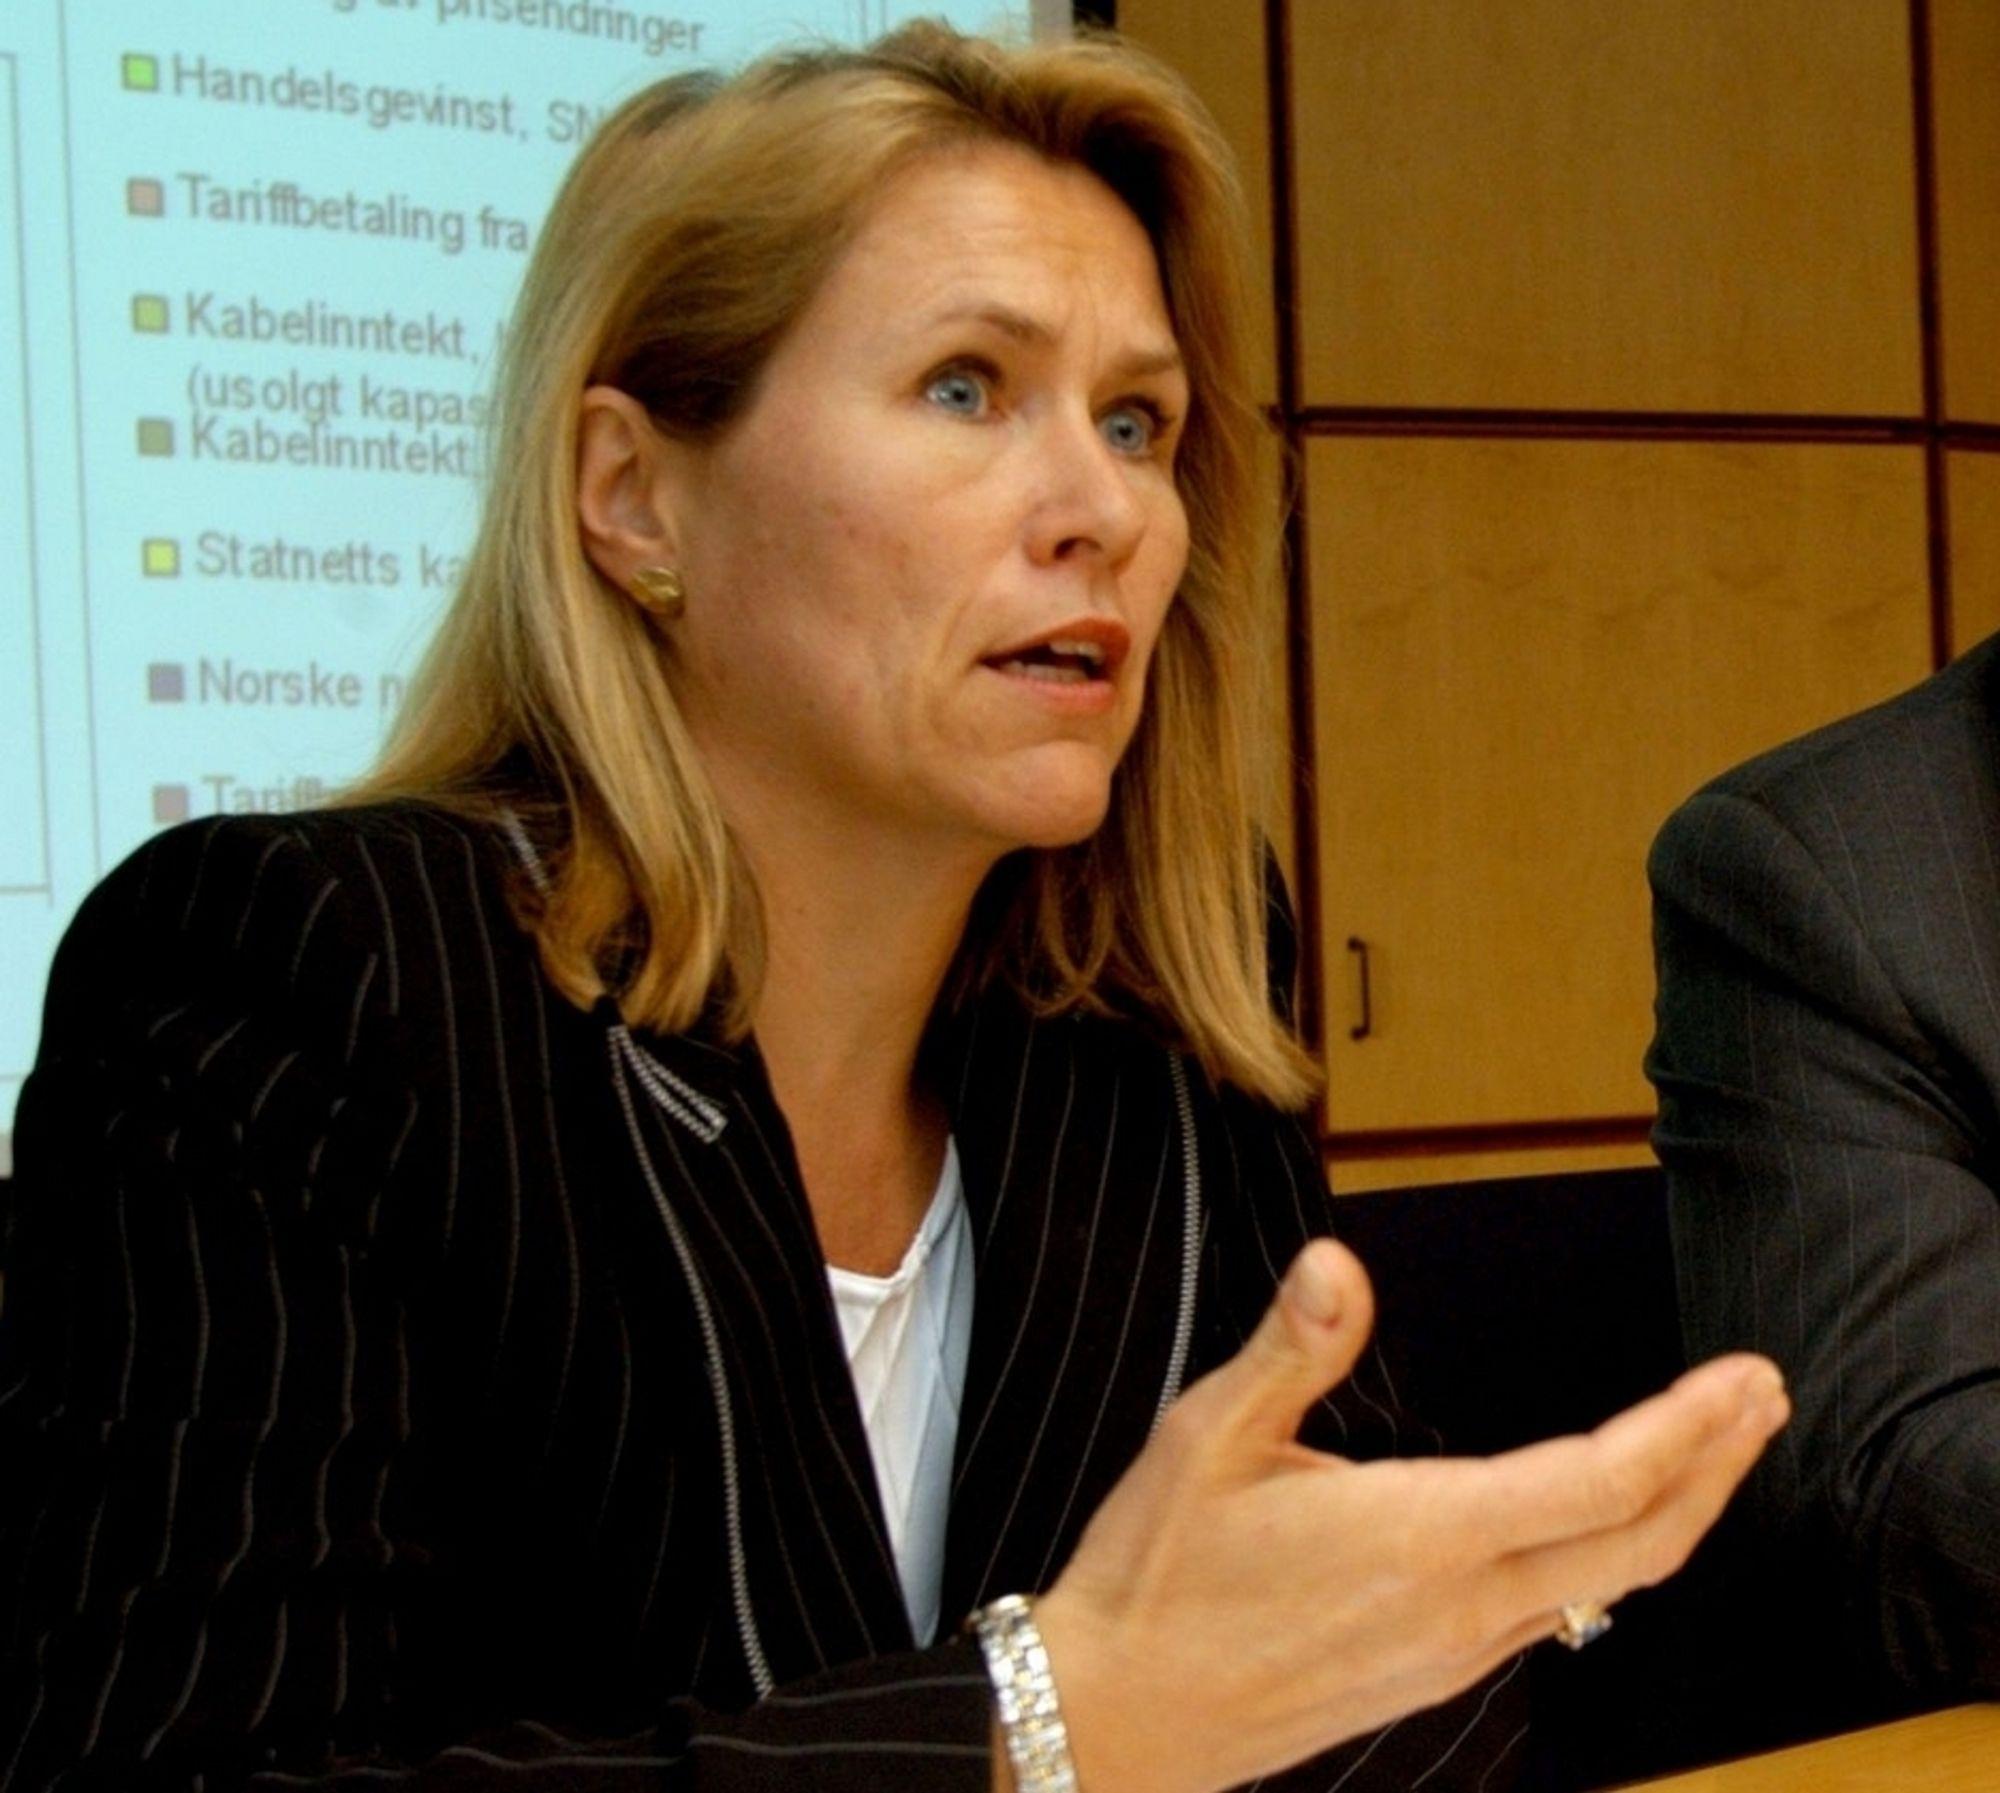 EXIT: Grete Faremo forlater programvareselskapet til Bill Gates. Etter å vært bistandsminister, justisminister og olje- og energiminister - blir hun neppe arbeidsledig lenge.